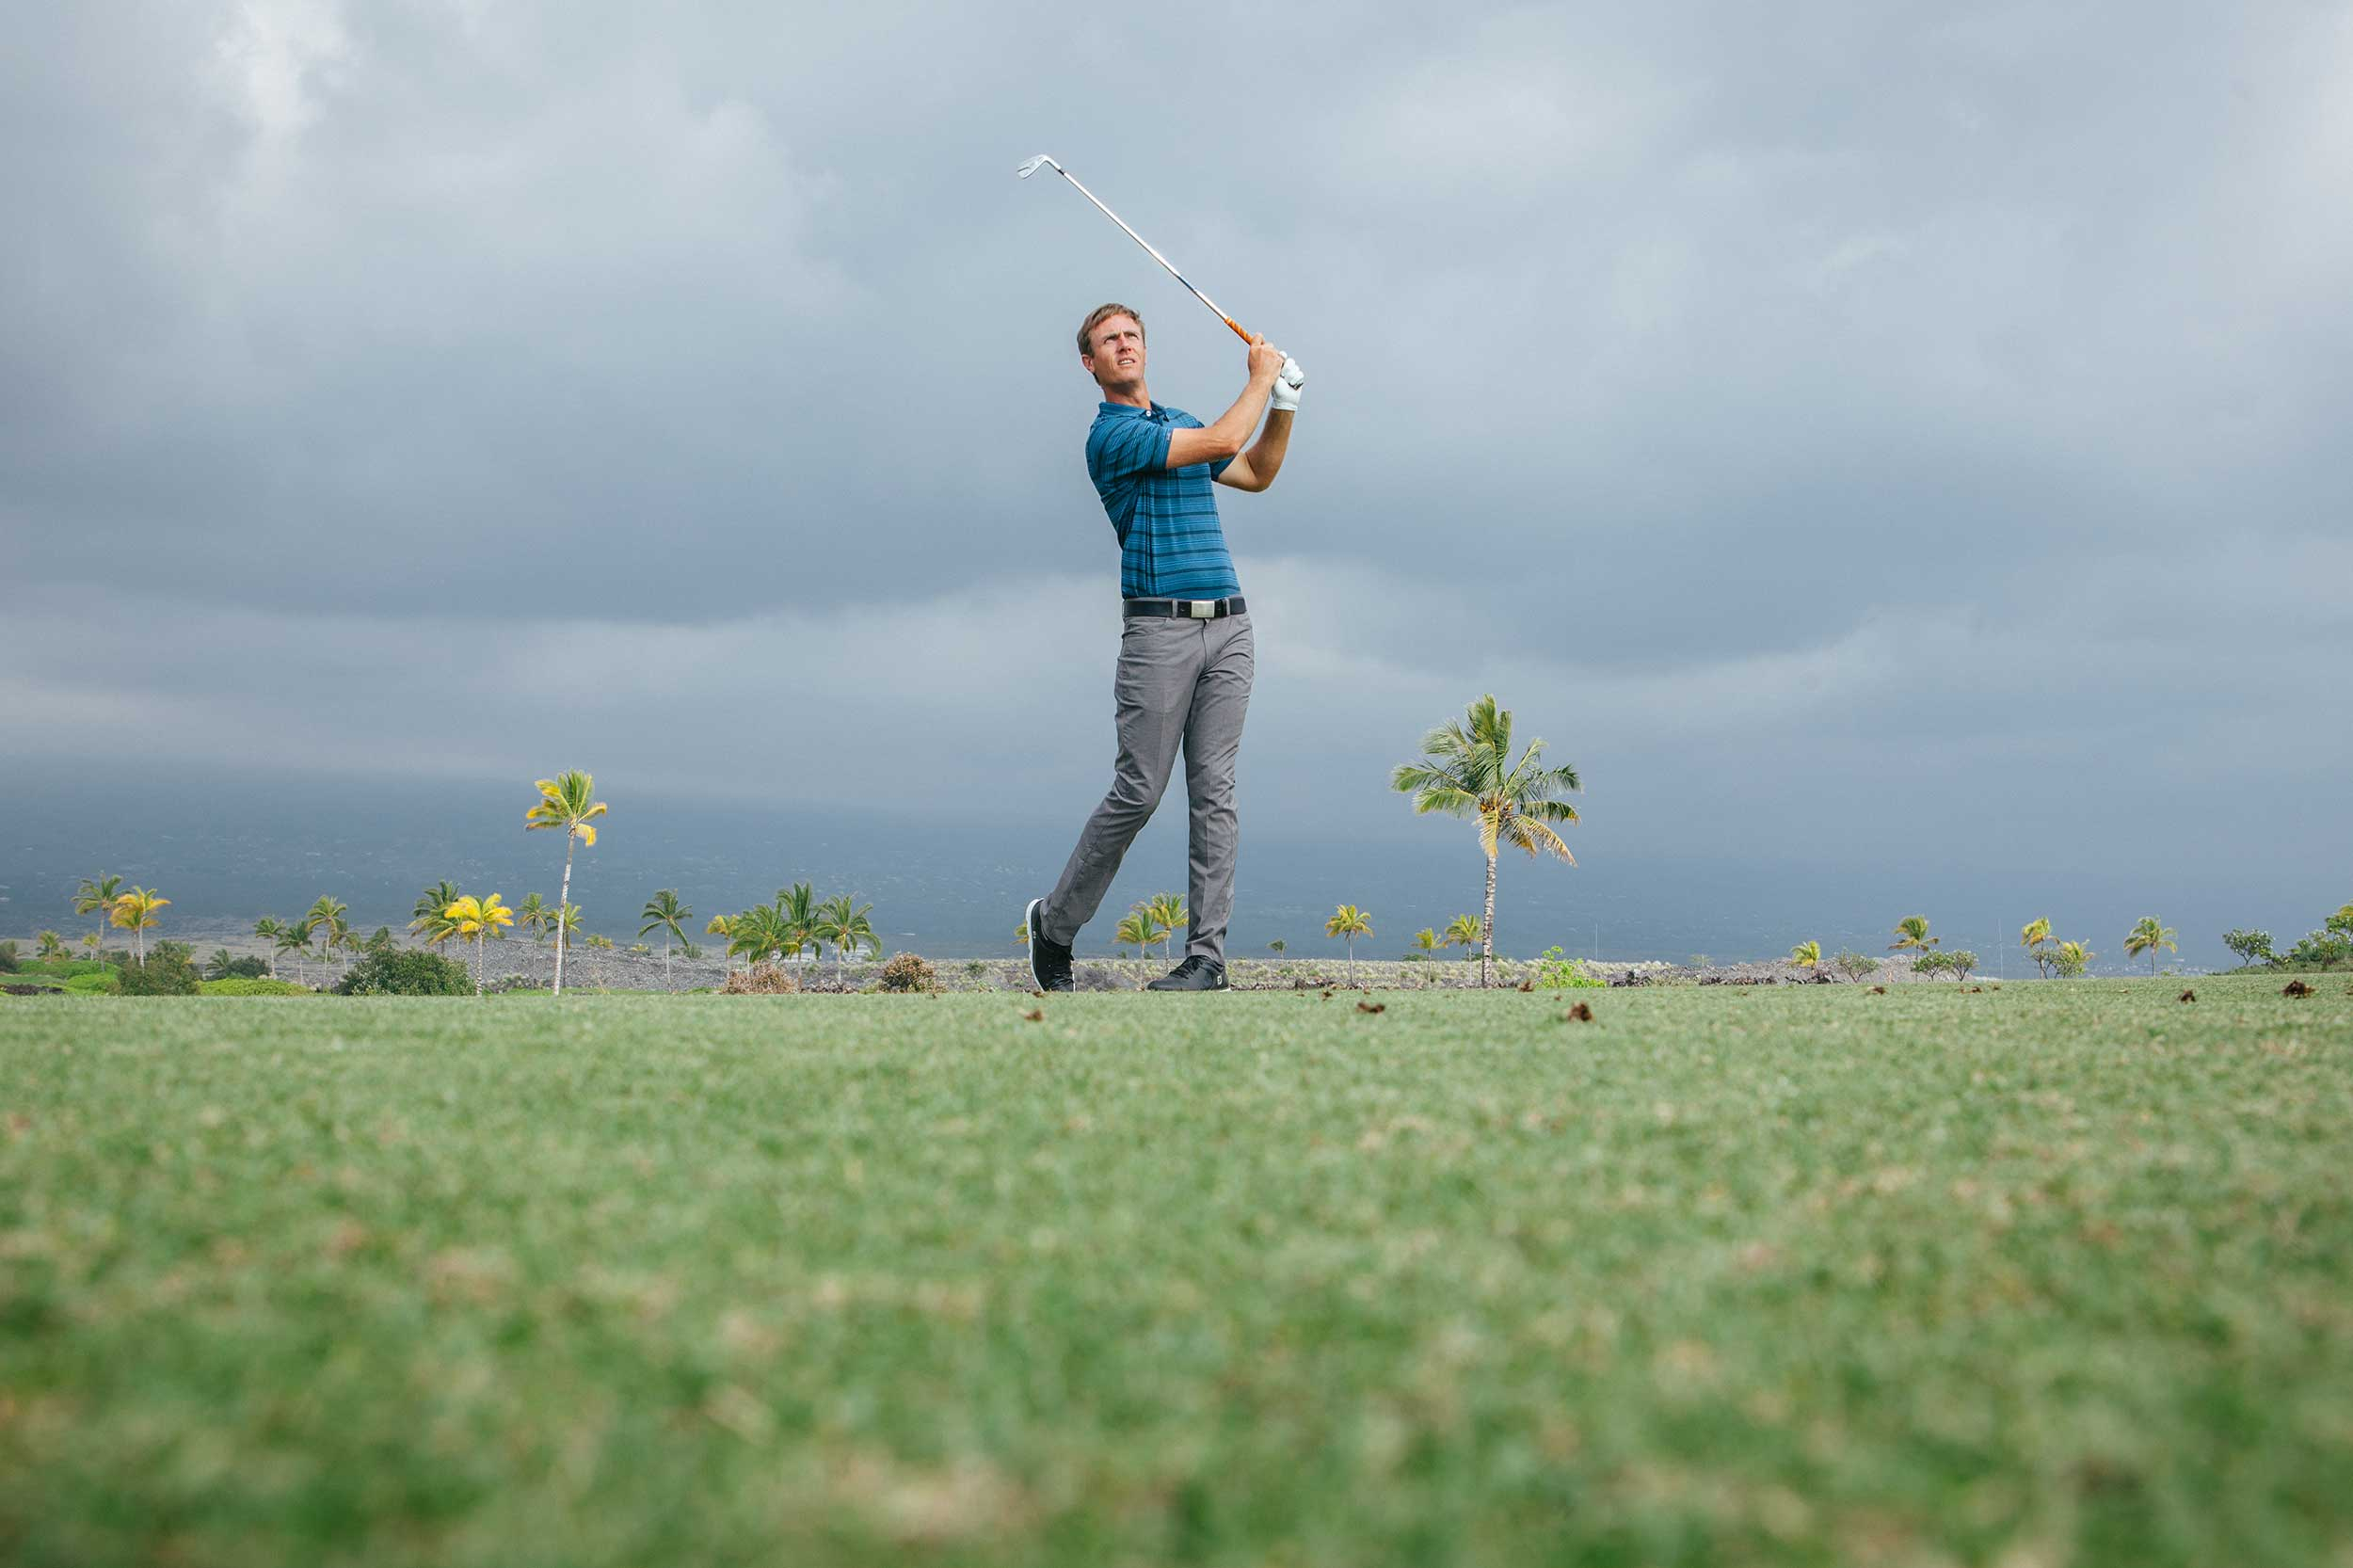 Dunning-Golf-Hawaii-8